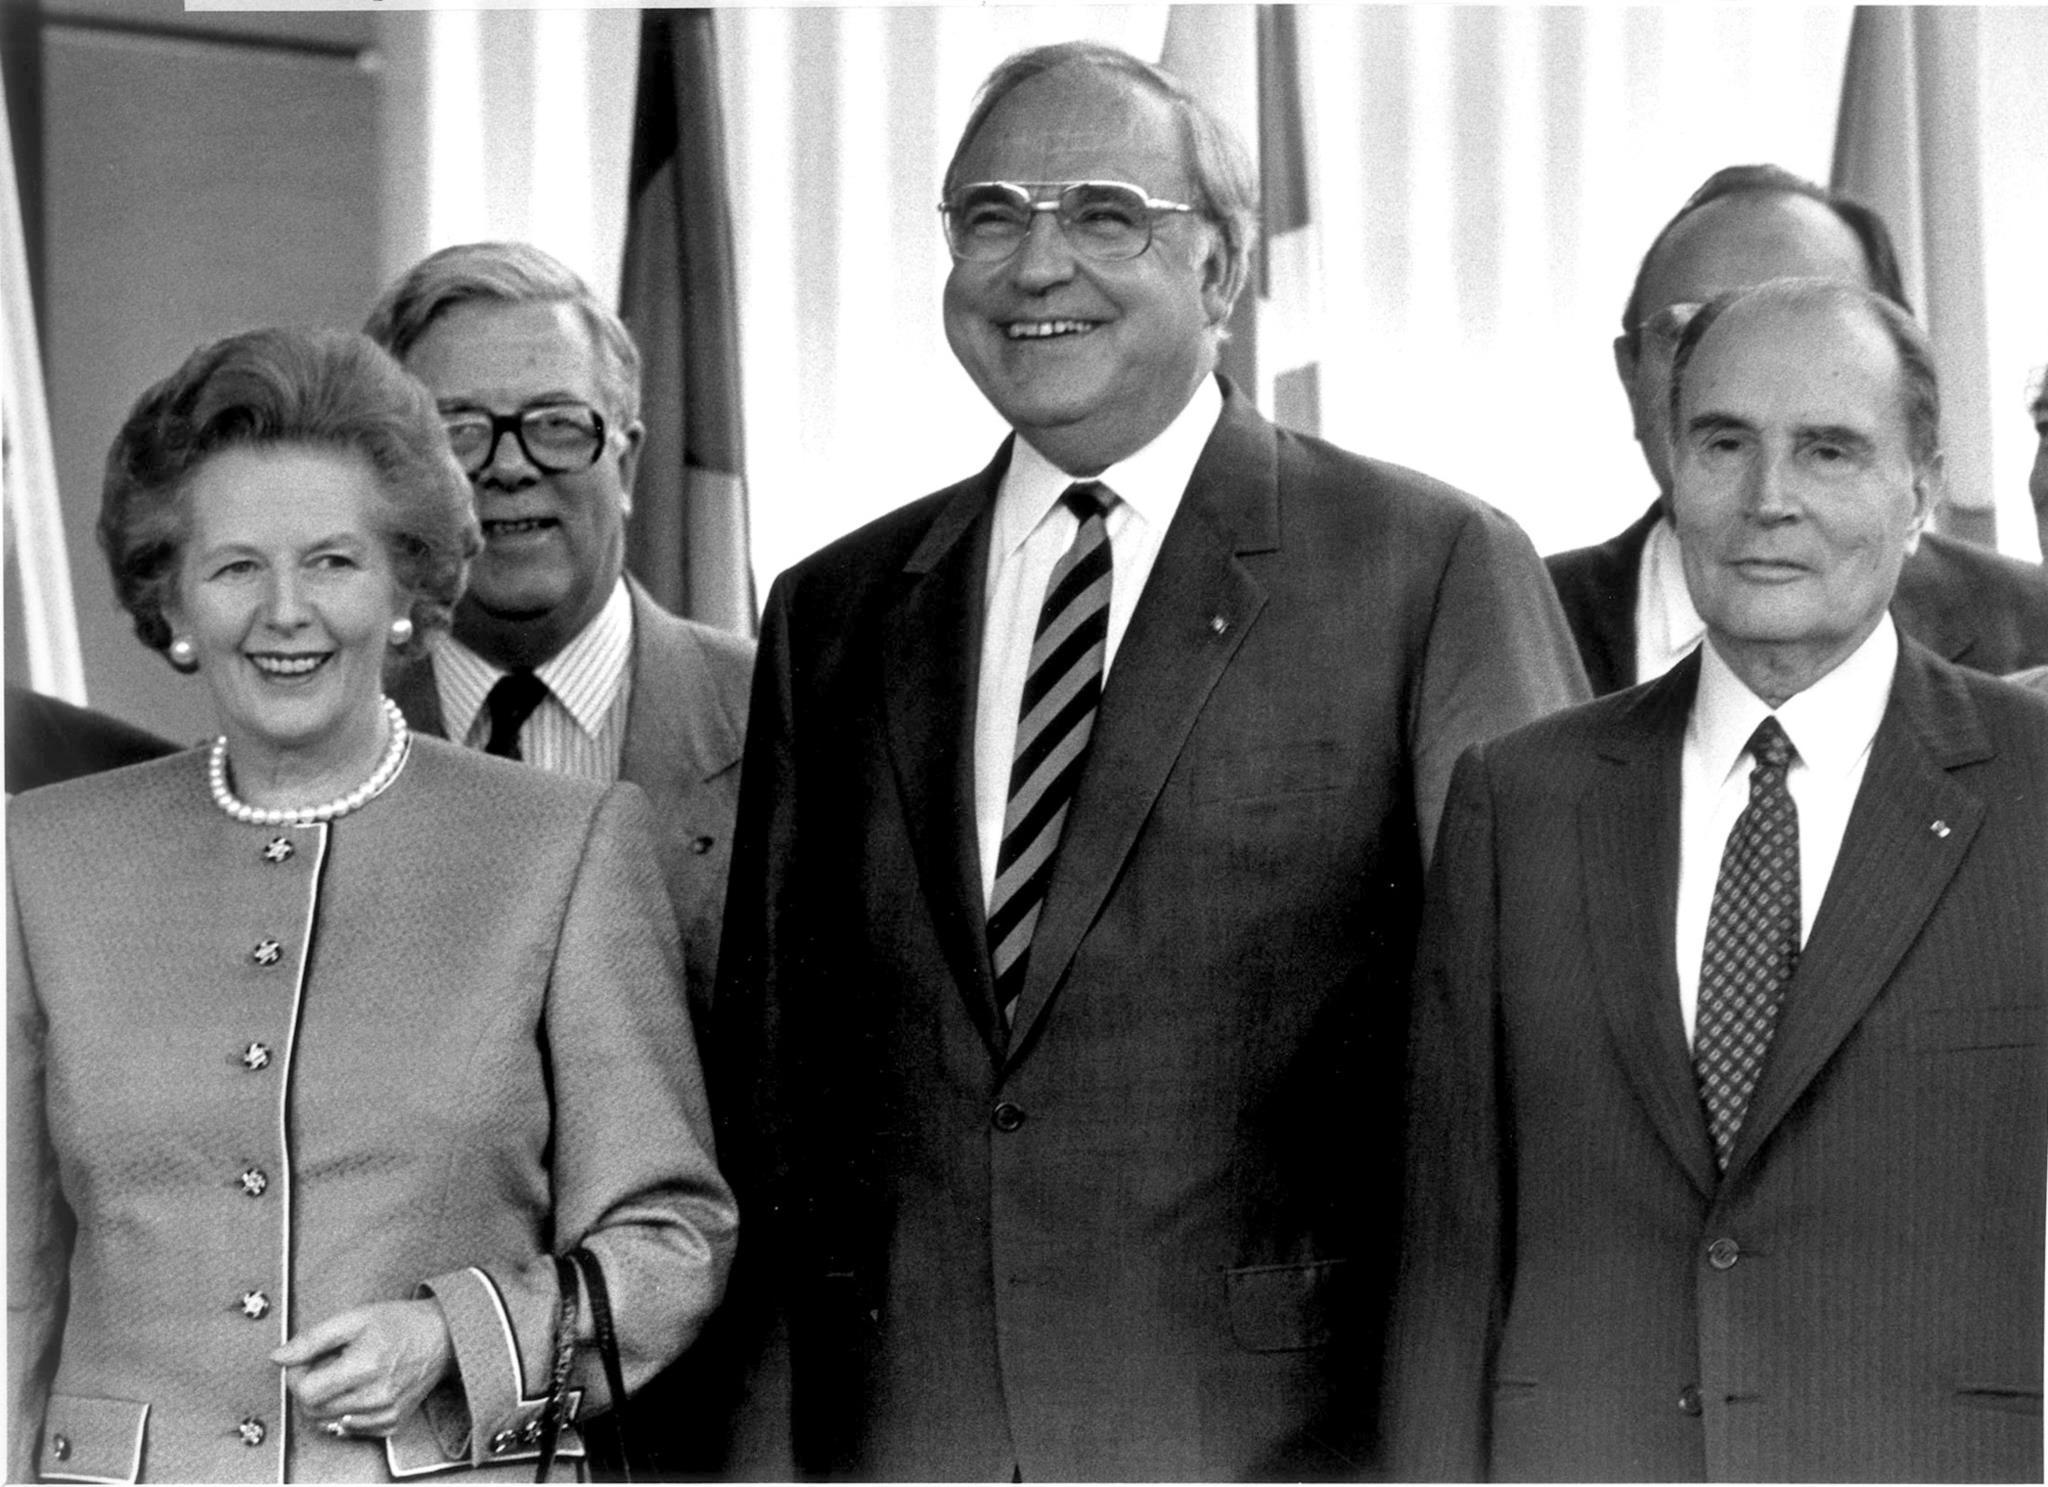 Helmut Kohl com a primeira-ministra da Grã-Bretanha, Margaret Thatcher, o Ministro dos Negócios Estrangeiros da Grã-Bretanha, Geoffrey Howe e o Presidente da França, François Mitterrand, durante uma cimeira da Comunidade Europeia em Hanover, 1988